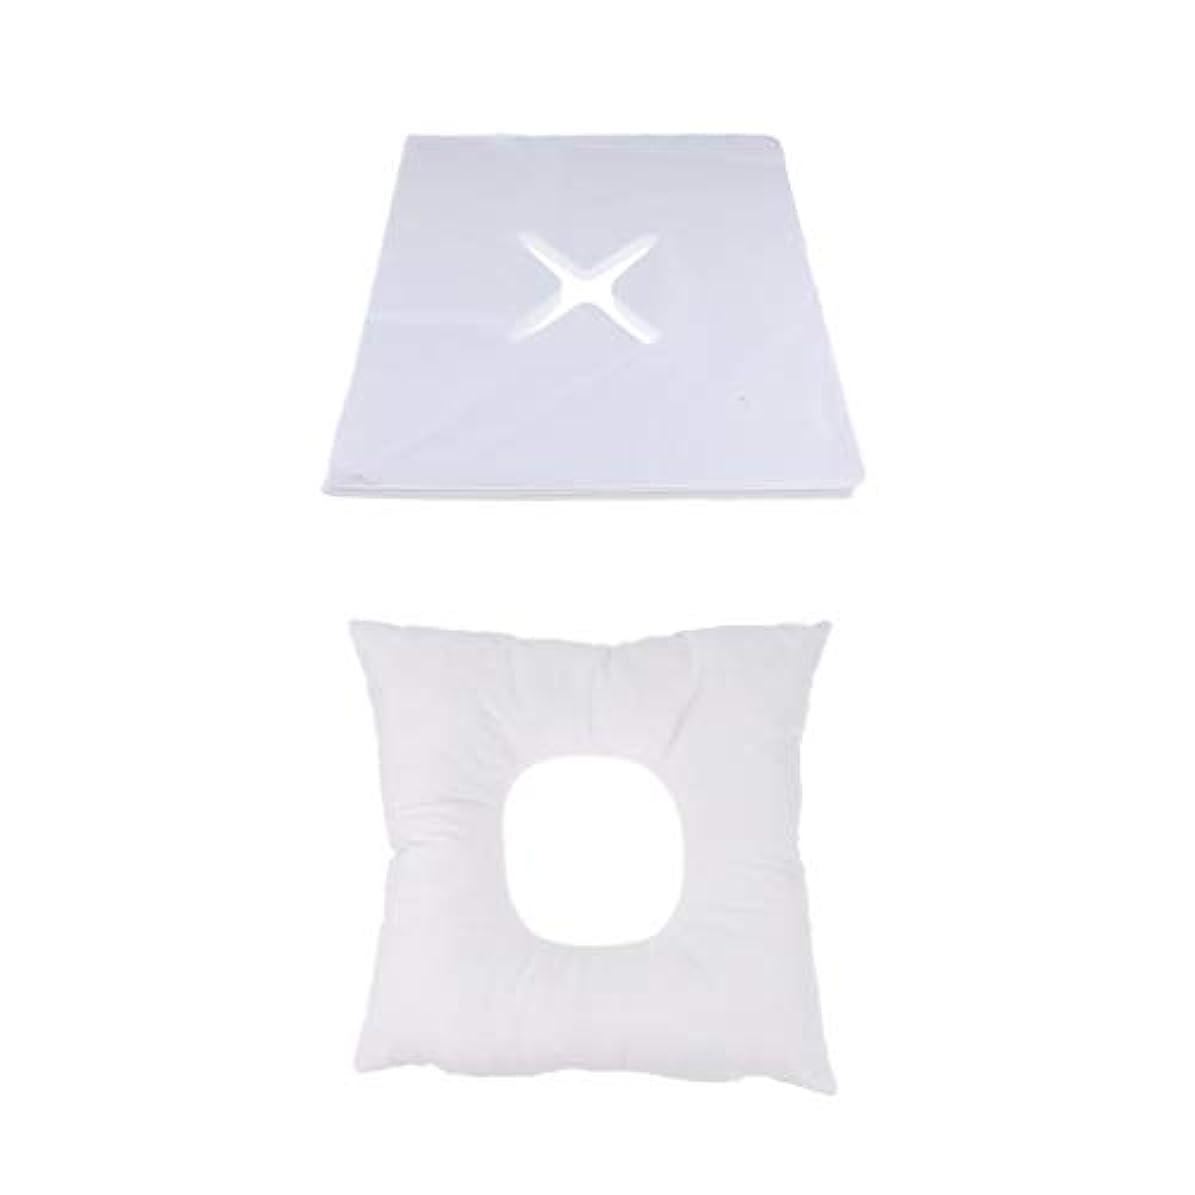 プロトタイプ私達銀行マッサージ枕 顔枕 フェイスマット 200個使い捨てカバー付き 柔らかく快適